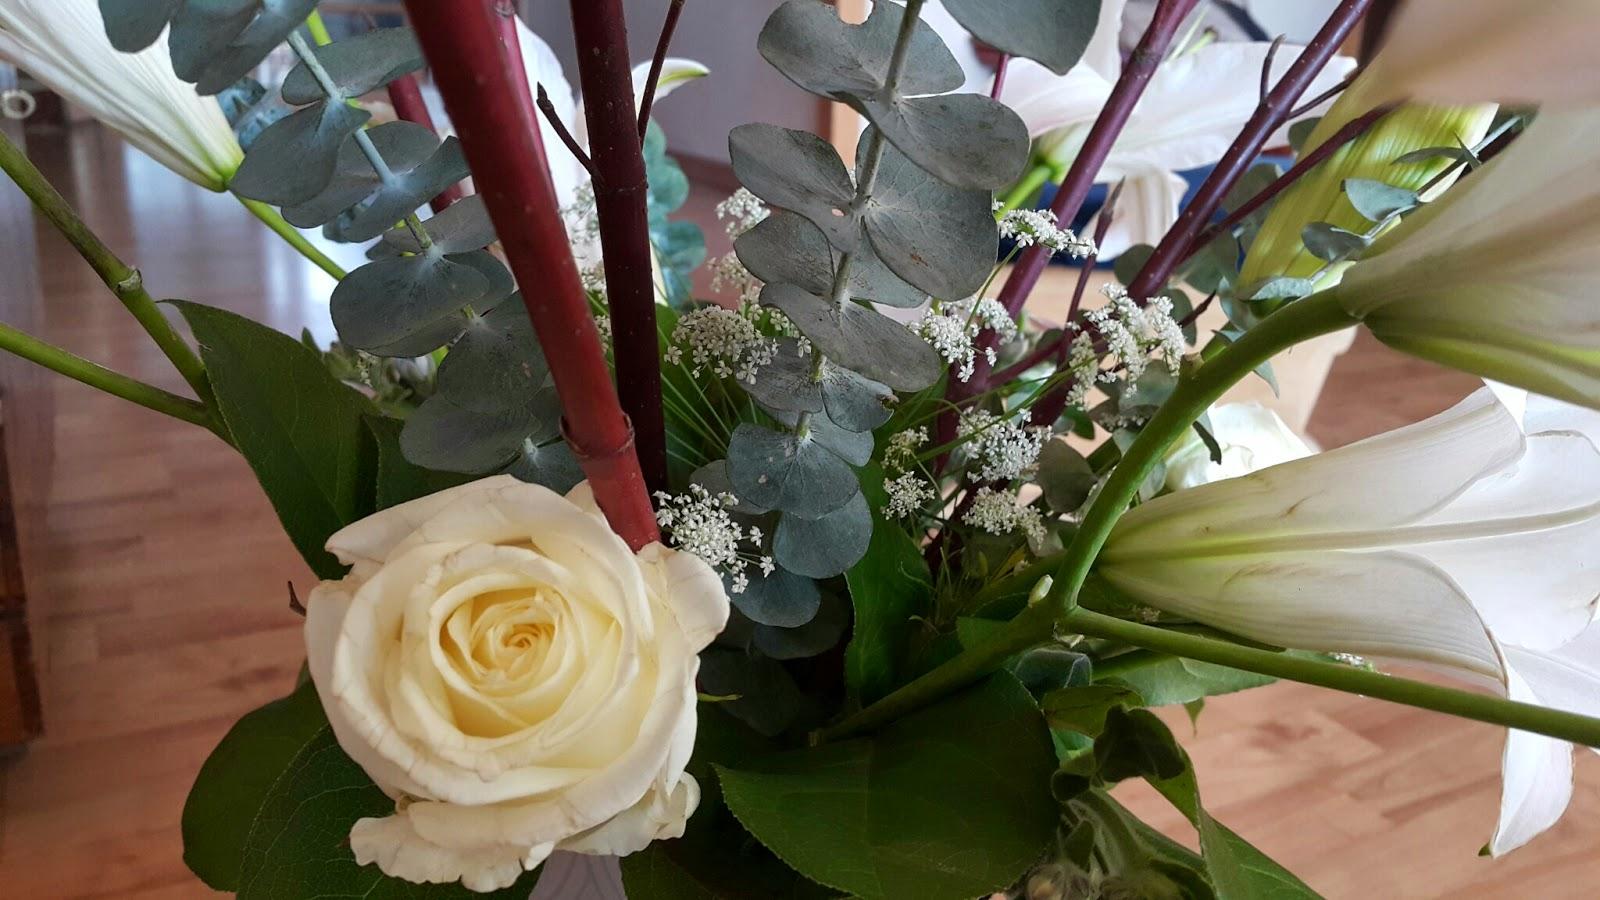 white rose in the korean flower arrangement